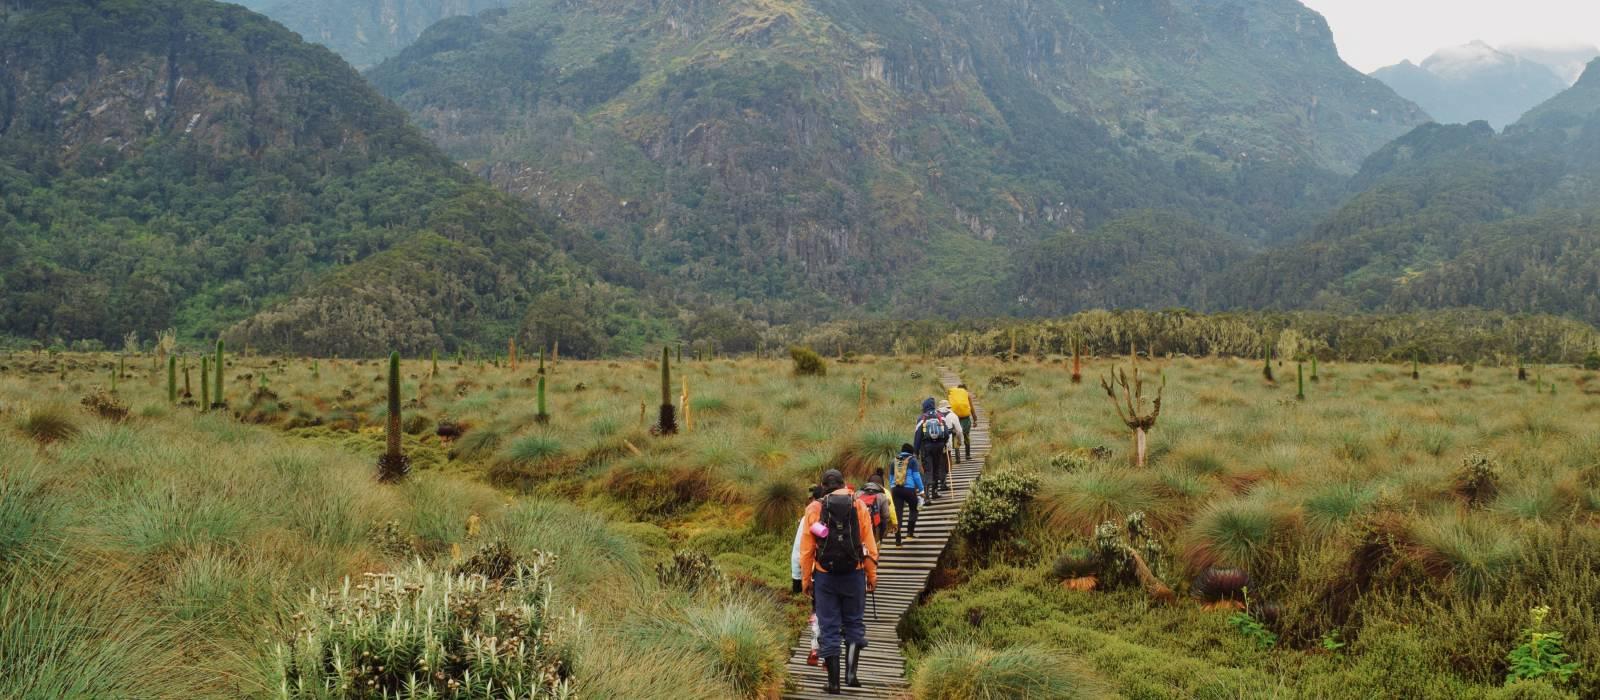 Lower Bigo Bog Rwenzori Mountains, Kabarole, Rwenzori Mountains National Park, Uganda, Africa